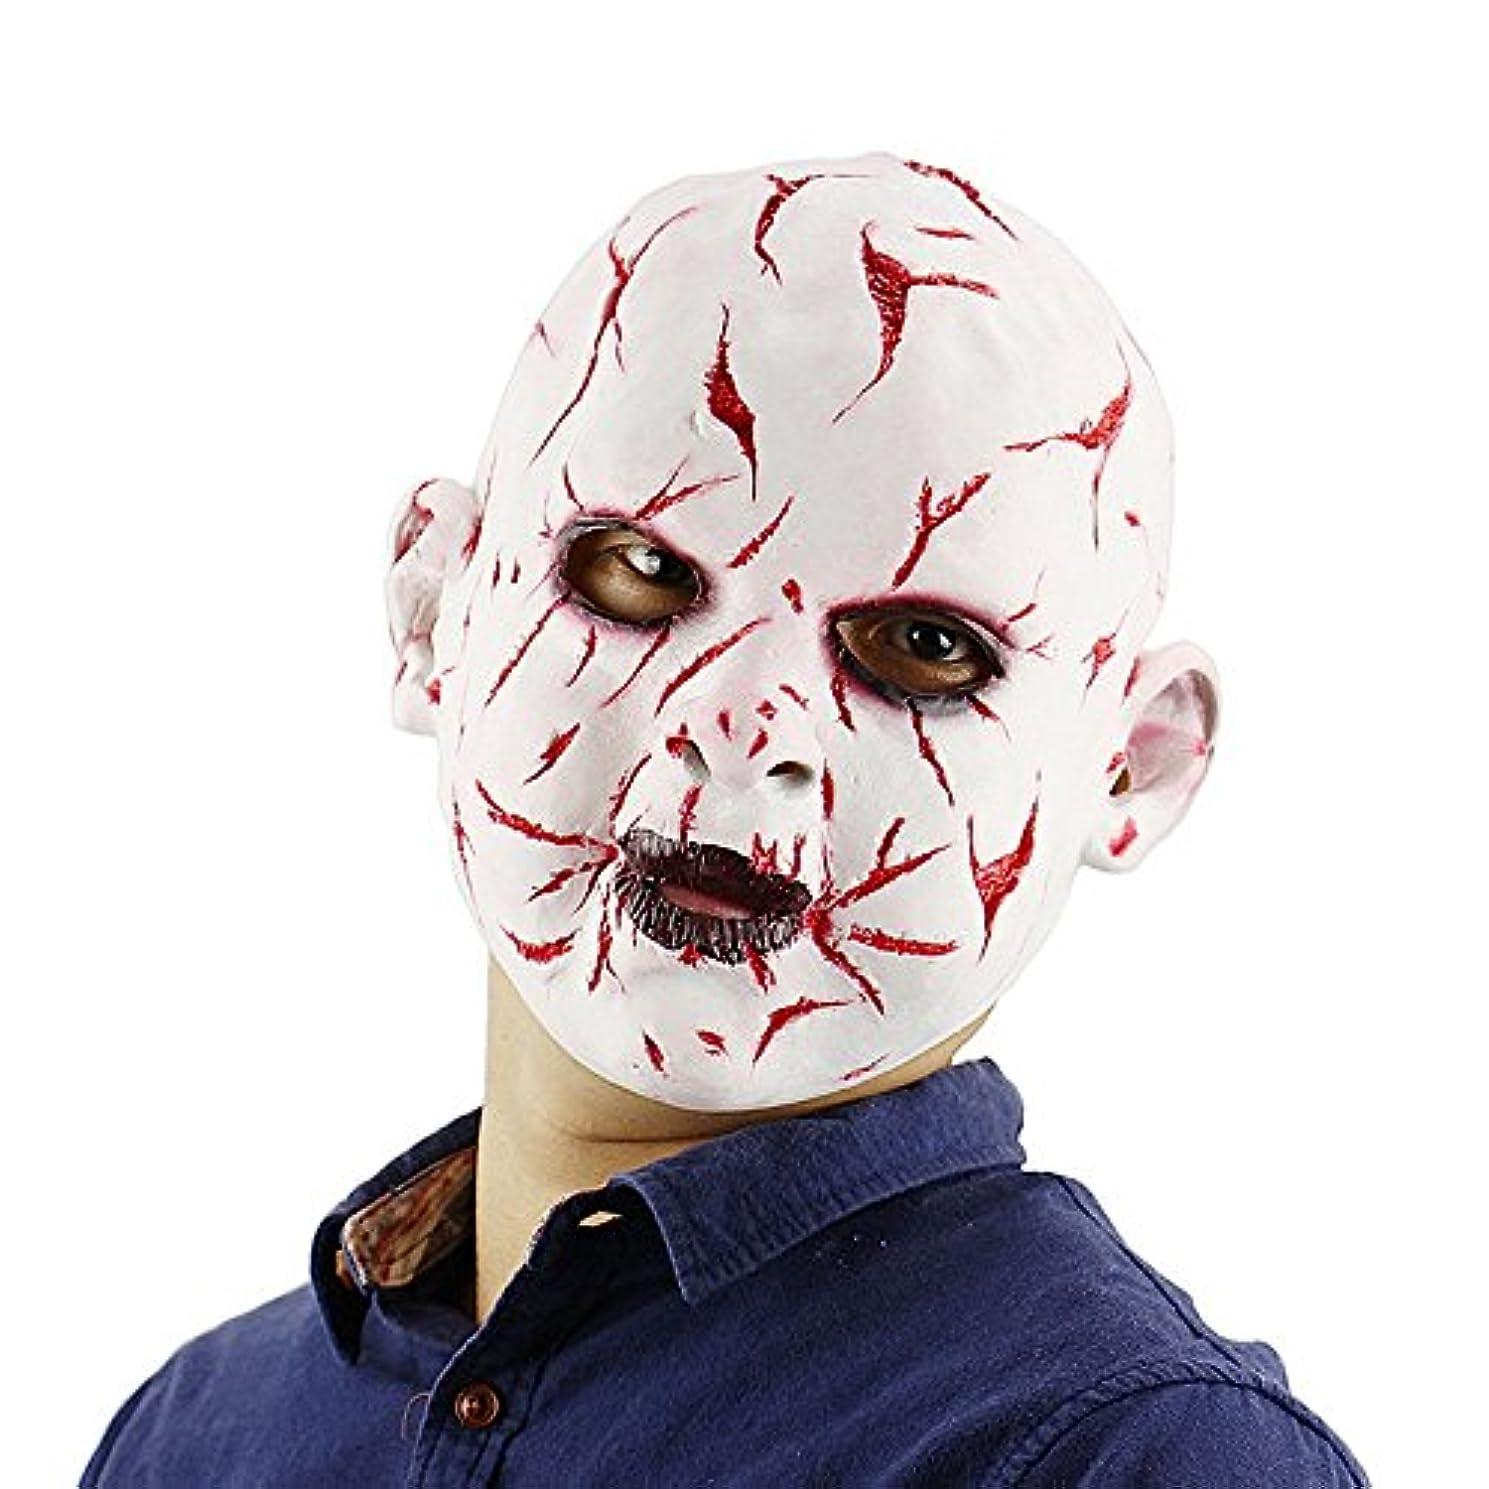 大混乱項目カエルハロウィンゴーストフェイスドールマスクラテックステロマスクヘッドギア映画小道具仮面舞踏会マスク